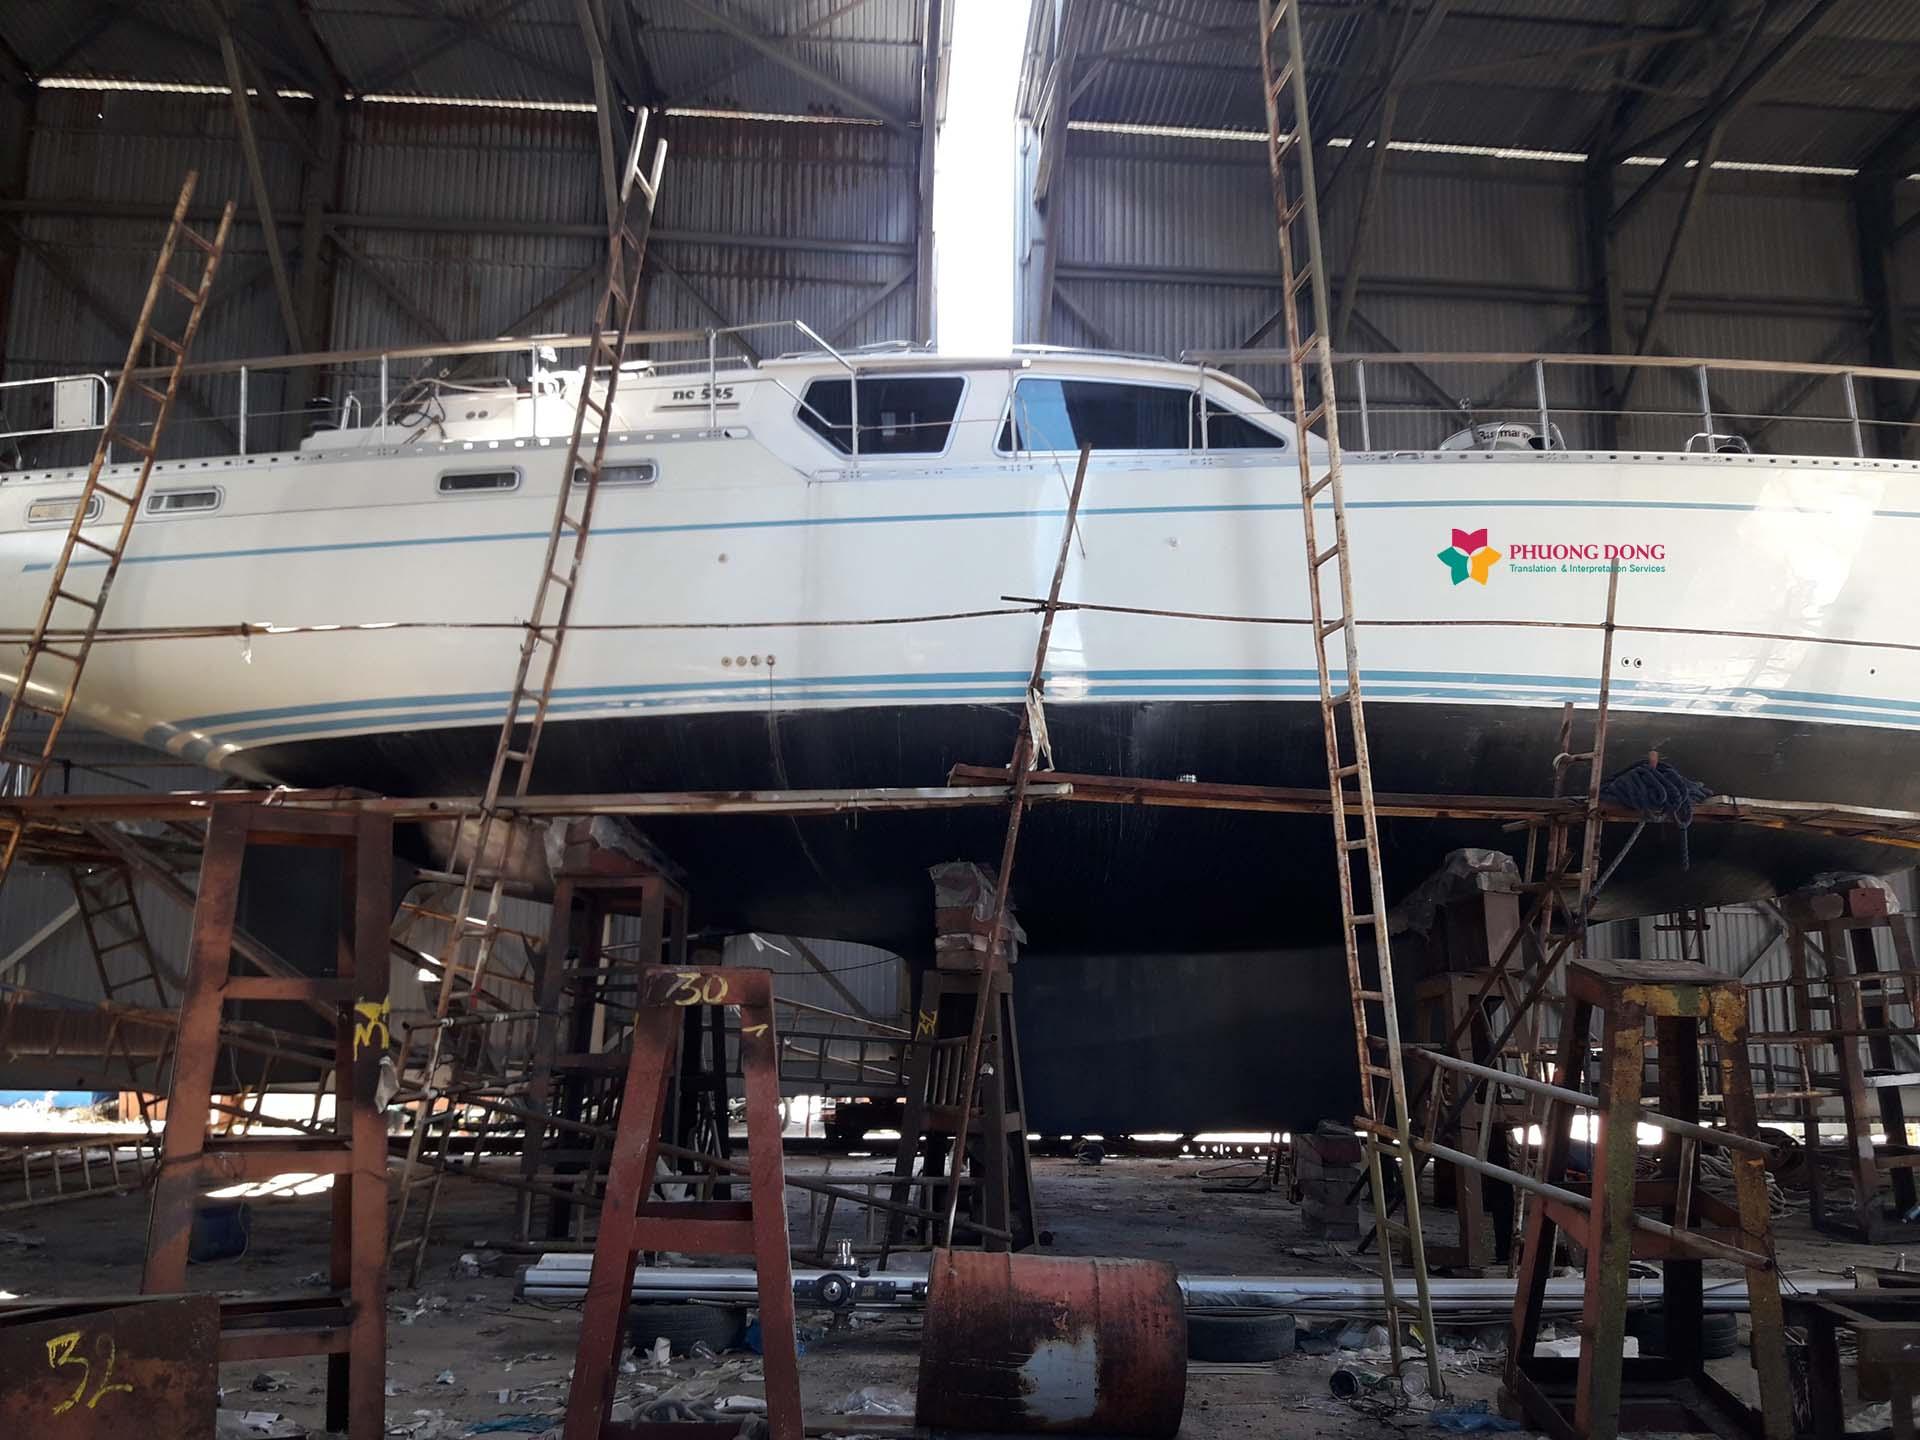 Phiên dịch tiếng Anh về du thuyền tại Cam Ranh - Khánh Hòa 1